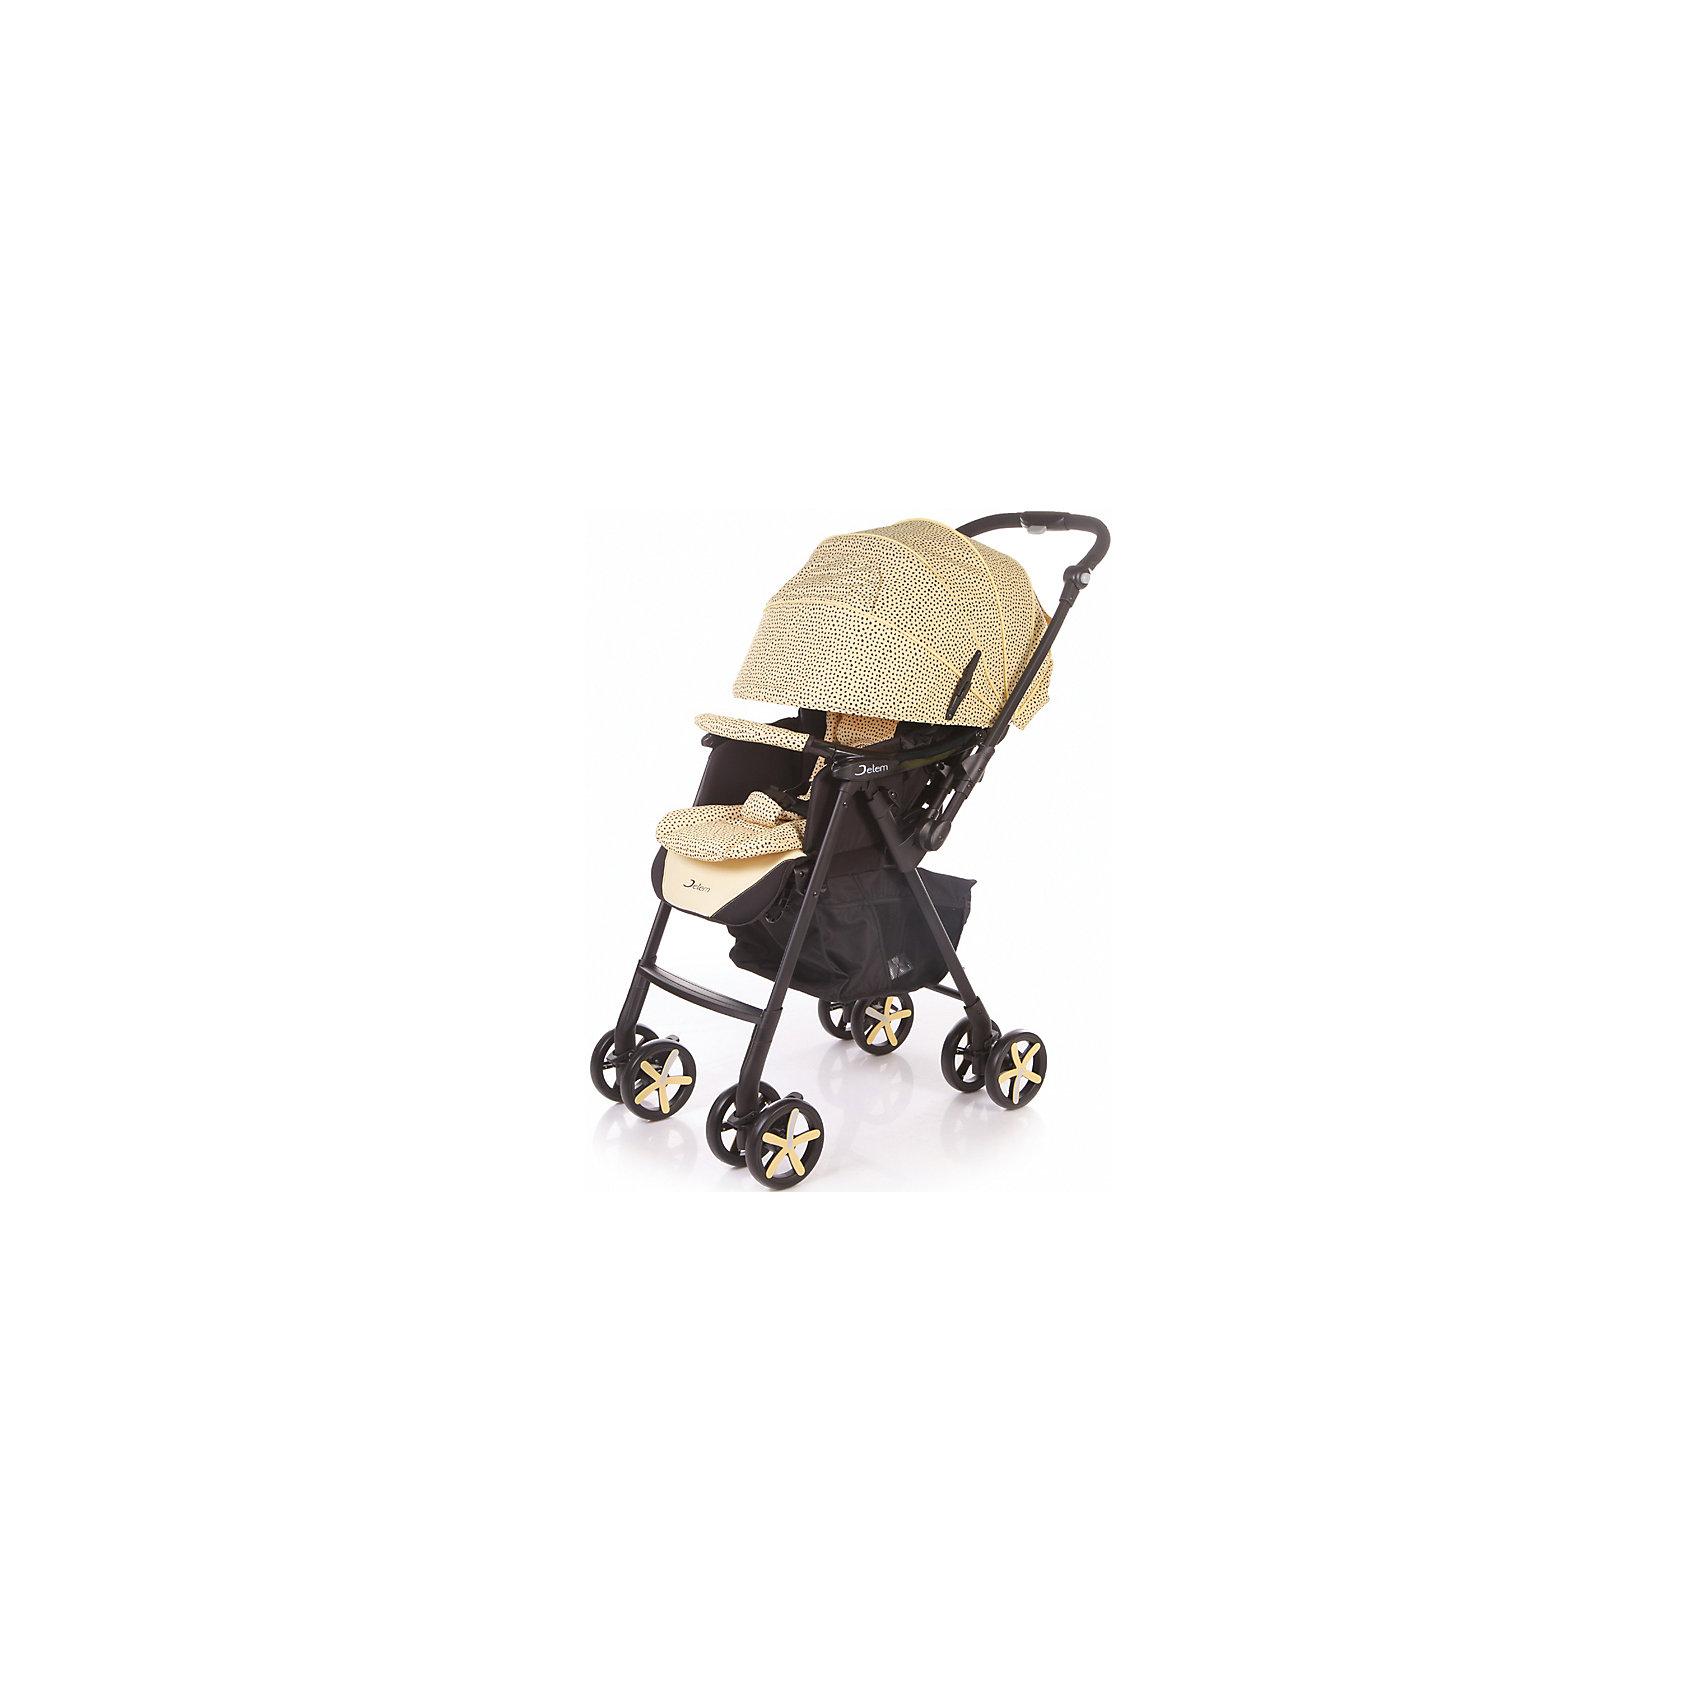 Прогулочная коляска Graphite, Jetem, ванильныйJetem   Graphite - новая прогулочная коляска. У коляски имеется перекидная ручка и регулируемая подножка. Graphite оснащена 5-ти точечными ремнями безопасности, а также она очень легко и компактно складывается одной рукой. Имеет съемный бампер с мягкой обивкой и колеса с авто фиксацией.<br><br>Особенности:<br><br>легкая алюминиевая рама,<br>плавающие передние колеса,<br>5-ти точечные ремни безопасности,<br>съемный бампер с мягкой обивкой,<br>очень компактное складывание,<br>спинка регулируется с помощью ремня,<br>ножная тормозная система,<br>может стоять в сложенном состоянии,<br>регулируемая подножка,<br>перекидная ручка,<br>при перекидывании ручки передние колеса автоматически освобождаются и становятся поворотными, а задние фиксируются,<br>регулируемая по высоте ручка,<br>колёса с авто фиксацией,<br>можно использовать с рождения, благодаря специальному вкладышу для новорожденных и горизонтальному положению спинки,<br>коляска легко складывается и раскладывается одной рукой,<br>амортизация передних и задних колёс.<br><br>Дополнительная информация:<br><br>диаметр колес: передние – 14 см, задние — 14 см,<br>тип колес: двойные, <br>механизм складывания: книжка.<br>вес: 6.7 кг,<br>ширина сиденья: 33 см,<br>размер корзины: 30х40х24 см,<br>размер в разложенном виде: 49х74х105 см,<br>размер в сложенном виде: 49х36.5х94.5 см.<br><br>Прогулочную коляску Graphite, Jetem, ванильный можно купить в нашем магазине.<br><br>Ширина мм: 940<br>Глубина мм: 510<br>Высота мм: 360<br>Вес г: 9300<br>Цвет: ванильный<br>Возраст от месяцев: 6<br>Возраст до месяцев: 36<br>Пол: Унисекс<br>Возраст: Детский<br>SKU: 4679107